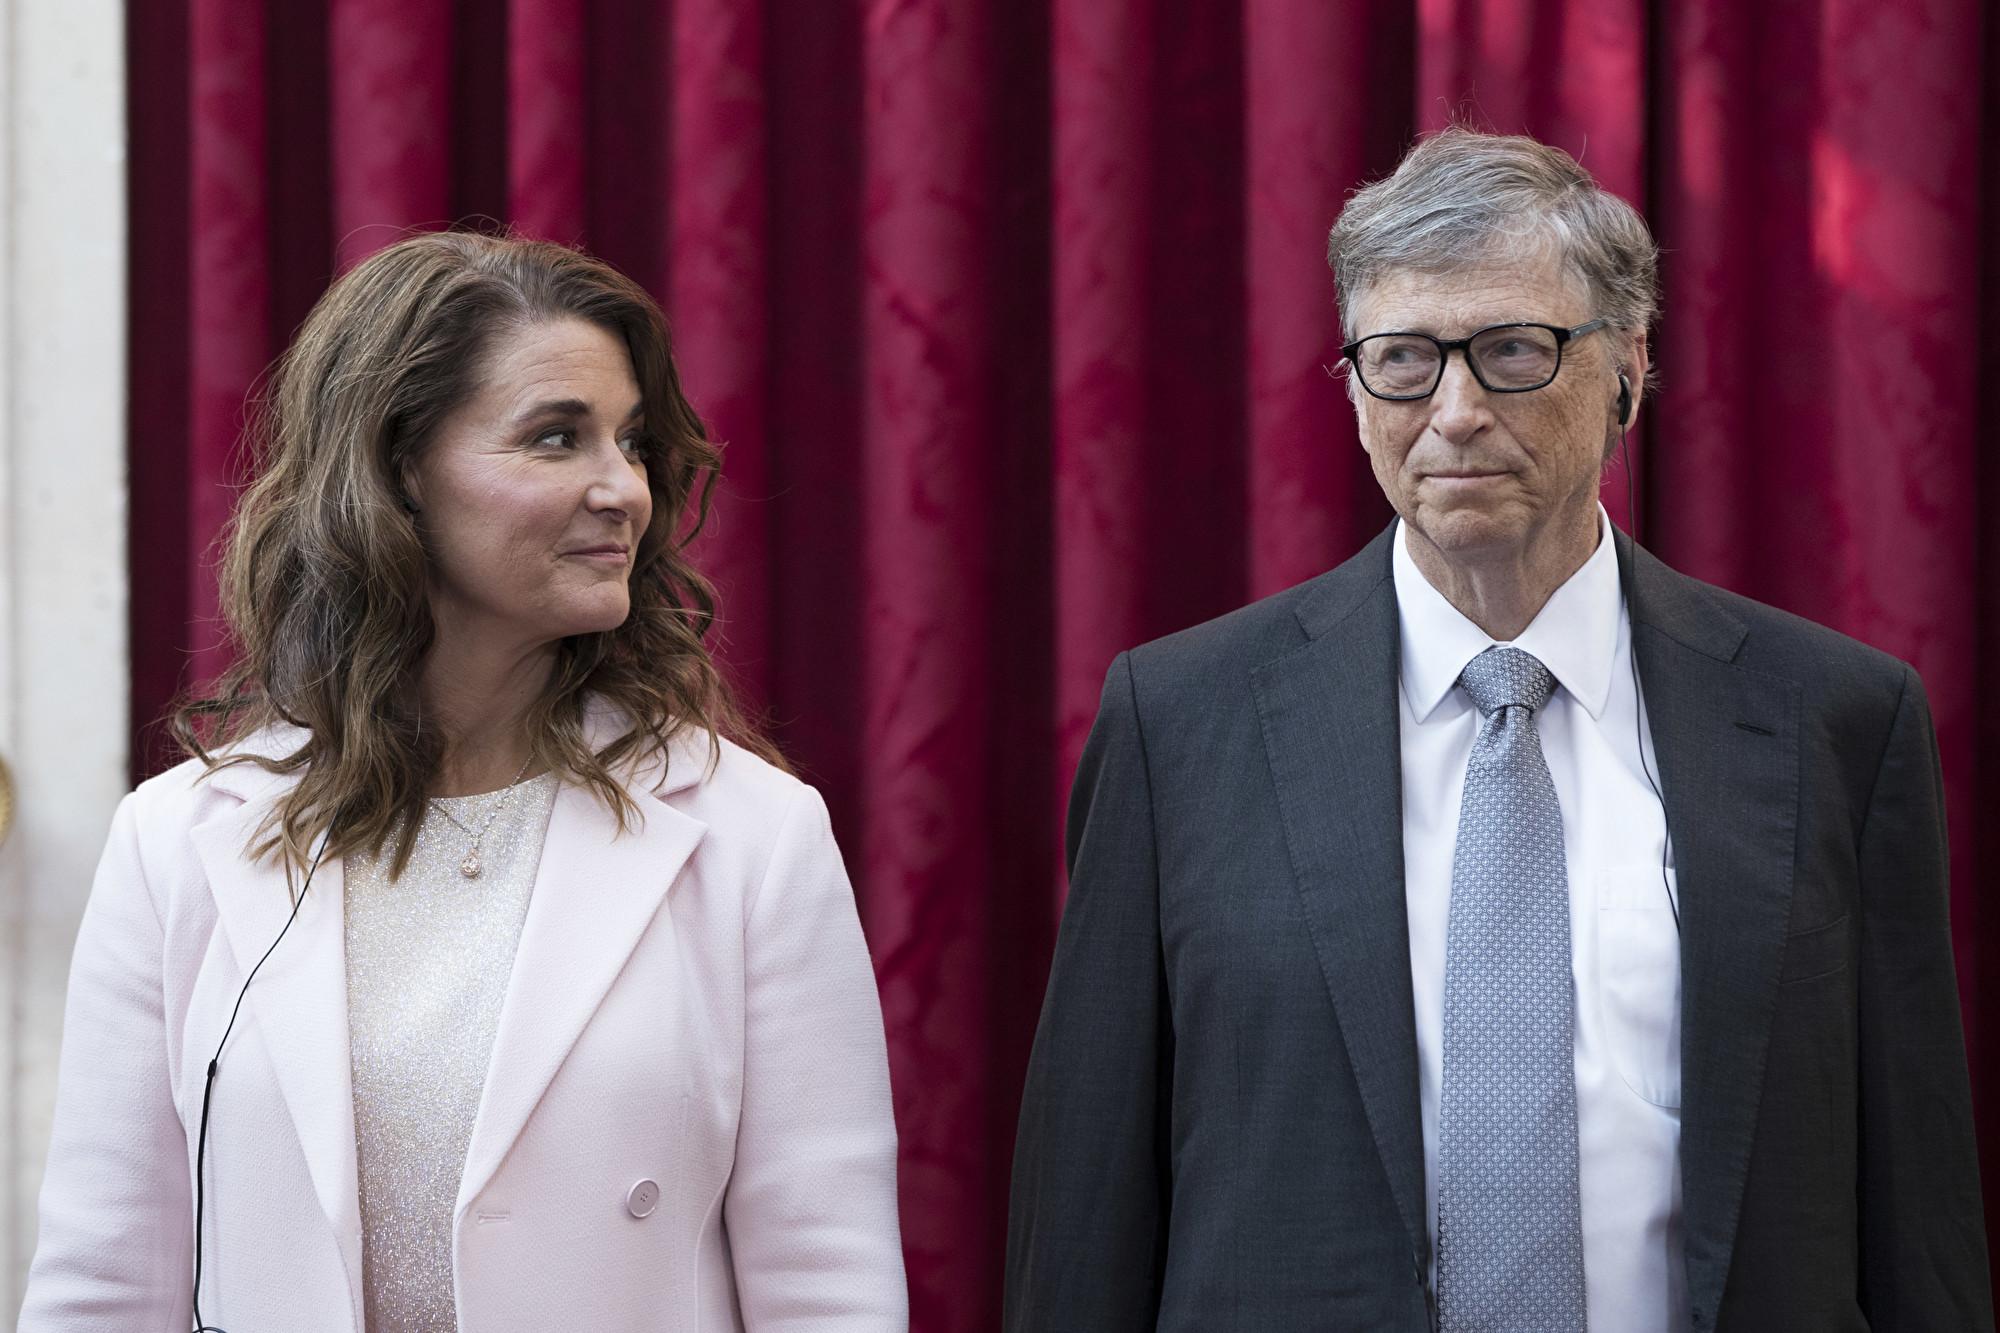 對抗中共病毒 蓋茨基金會捐一億美元